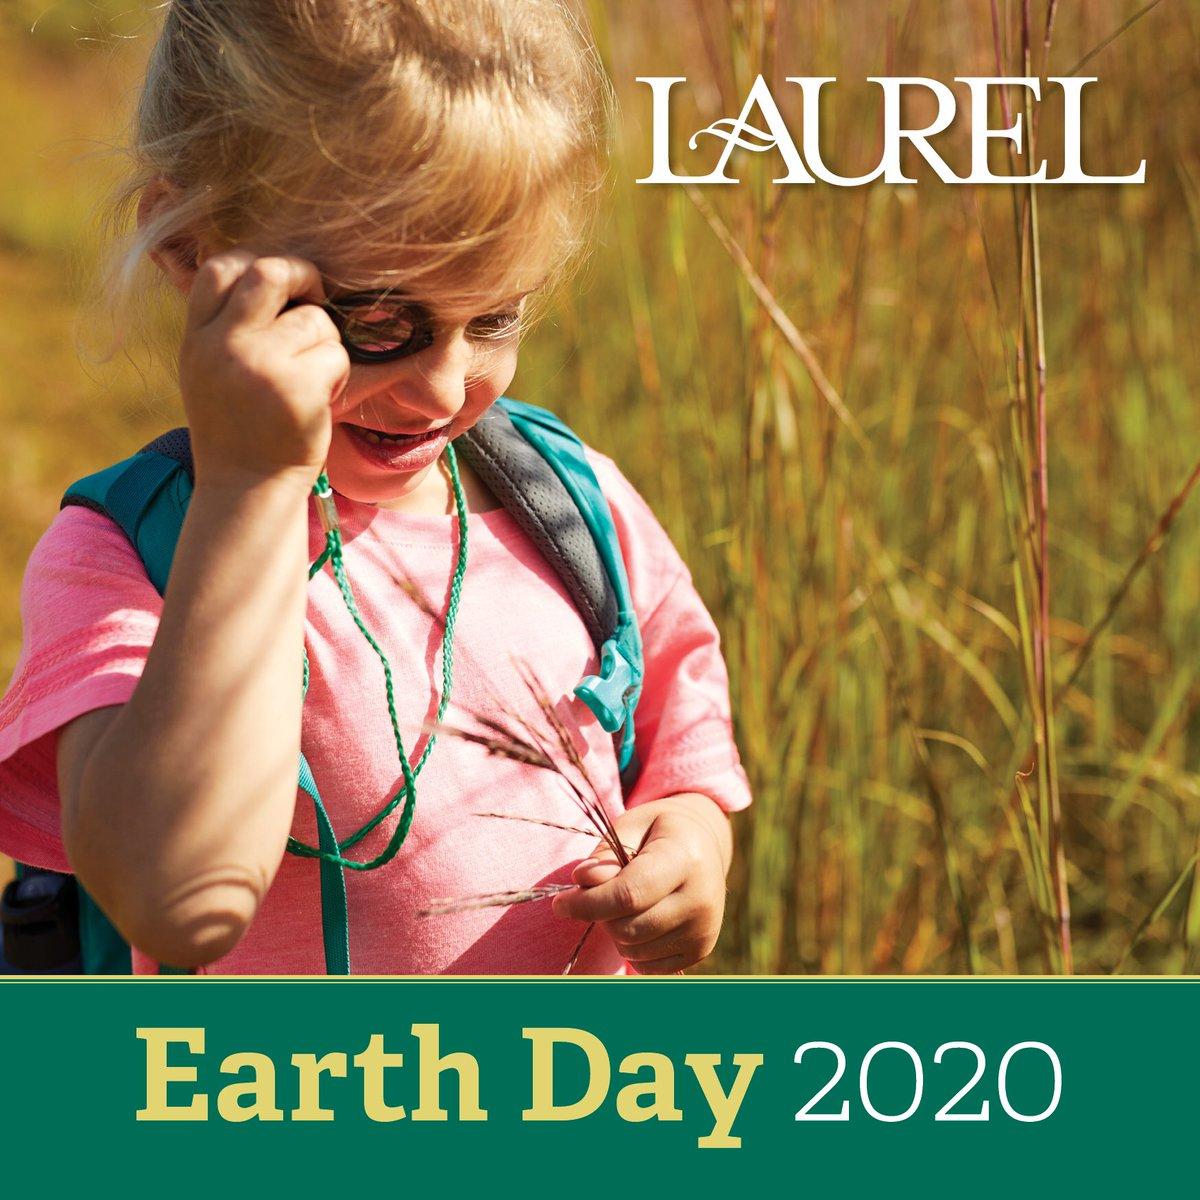 Laurel School (@LaurelSchool) on Twitter photo 22/04/2020 23:36:29